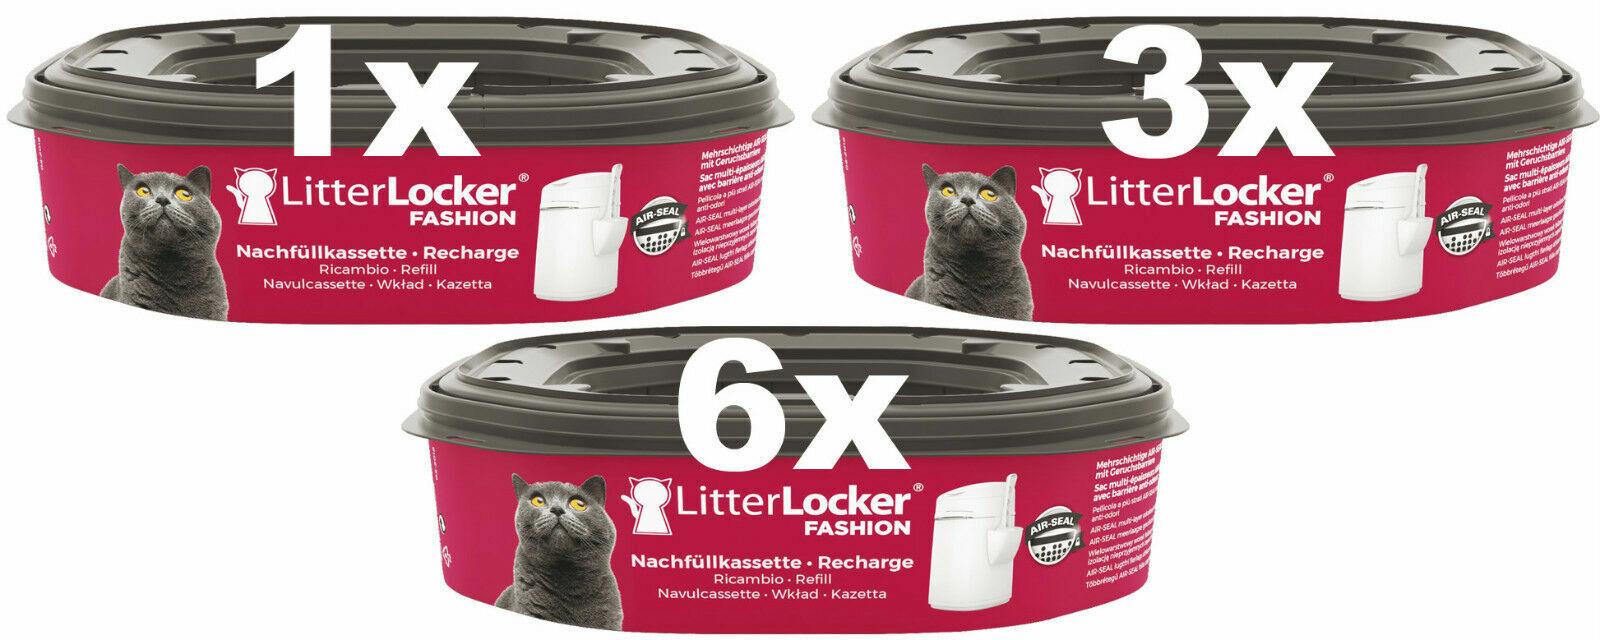 Nachfüller für Litter Locker FASHION - Einzelnd oder Set´s - Nachfüllkasette